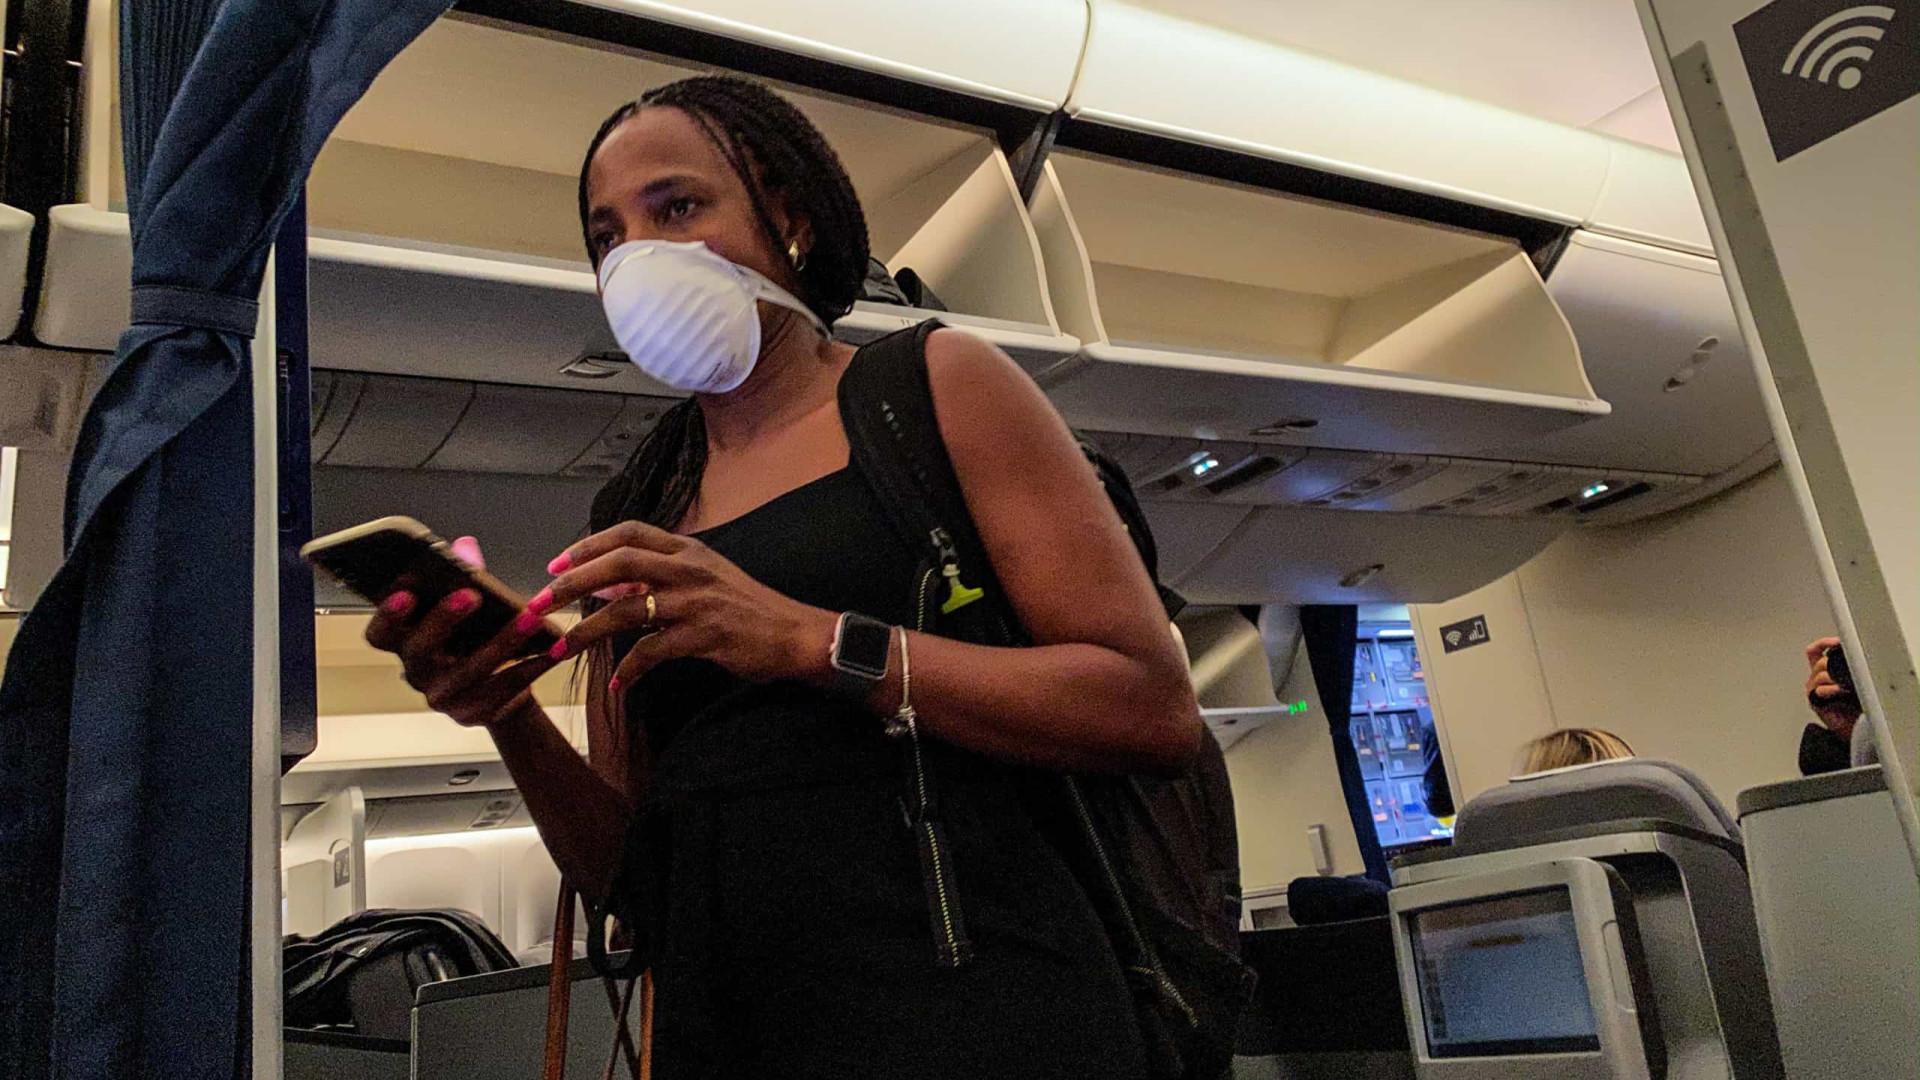 Covid-19: Sul-africanos alertados para fraude sobre dinheiro contaminado